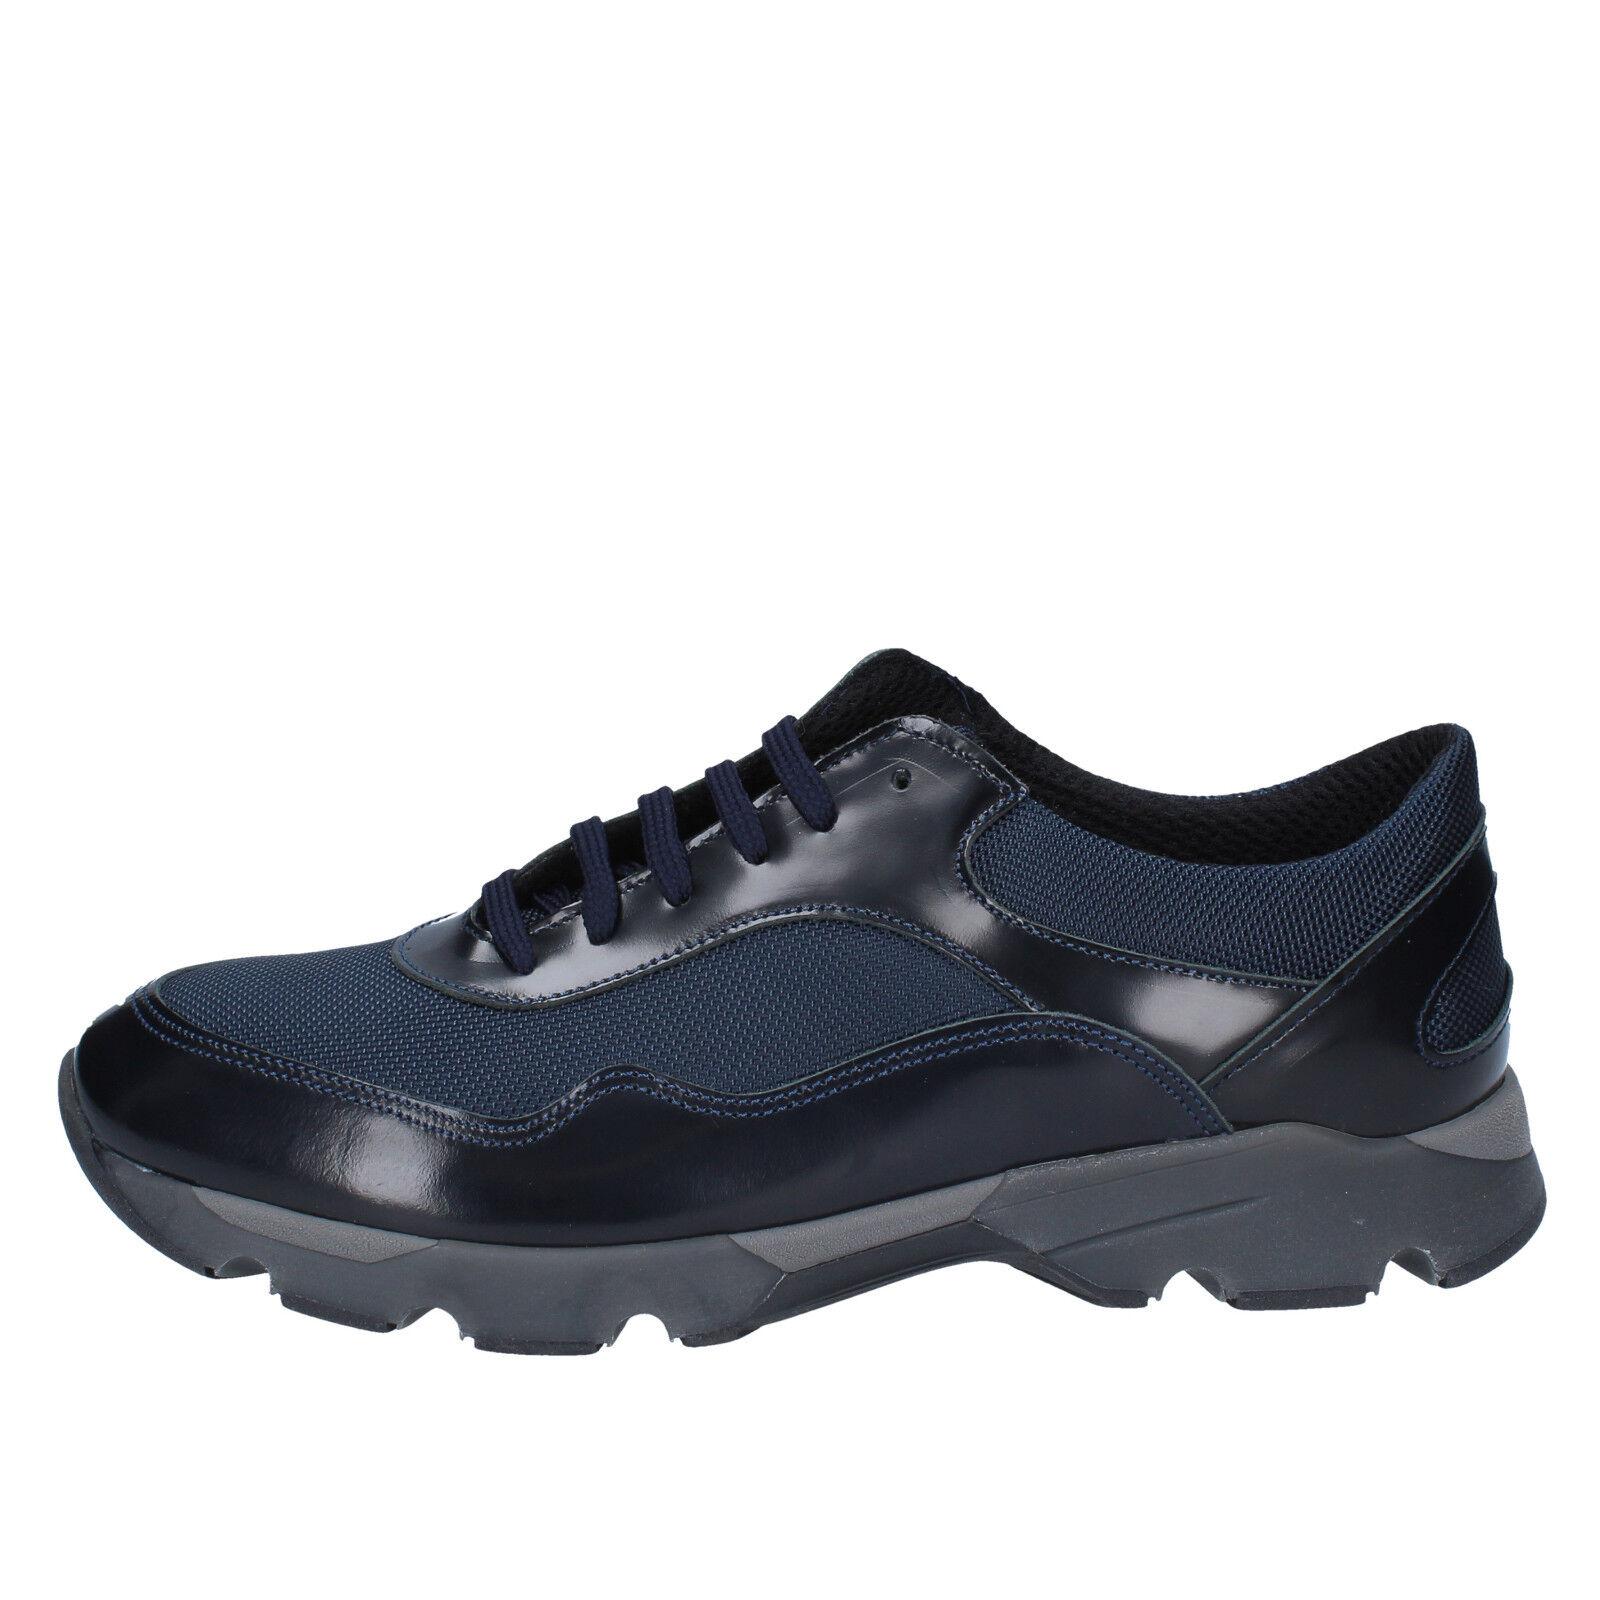 Scarpe casual da uomo  Scarpe uomo Baldinini 43 Sneakers Blu Tessile Pelle by538-43